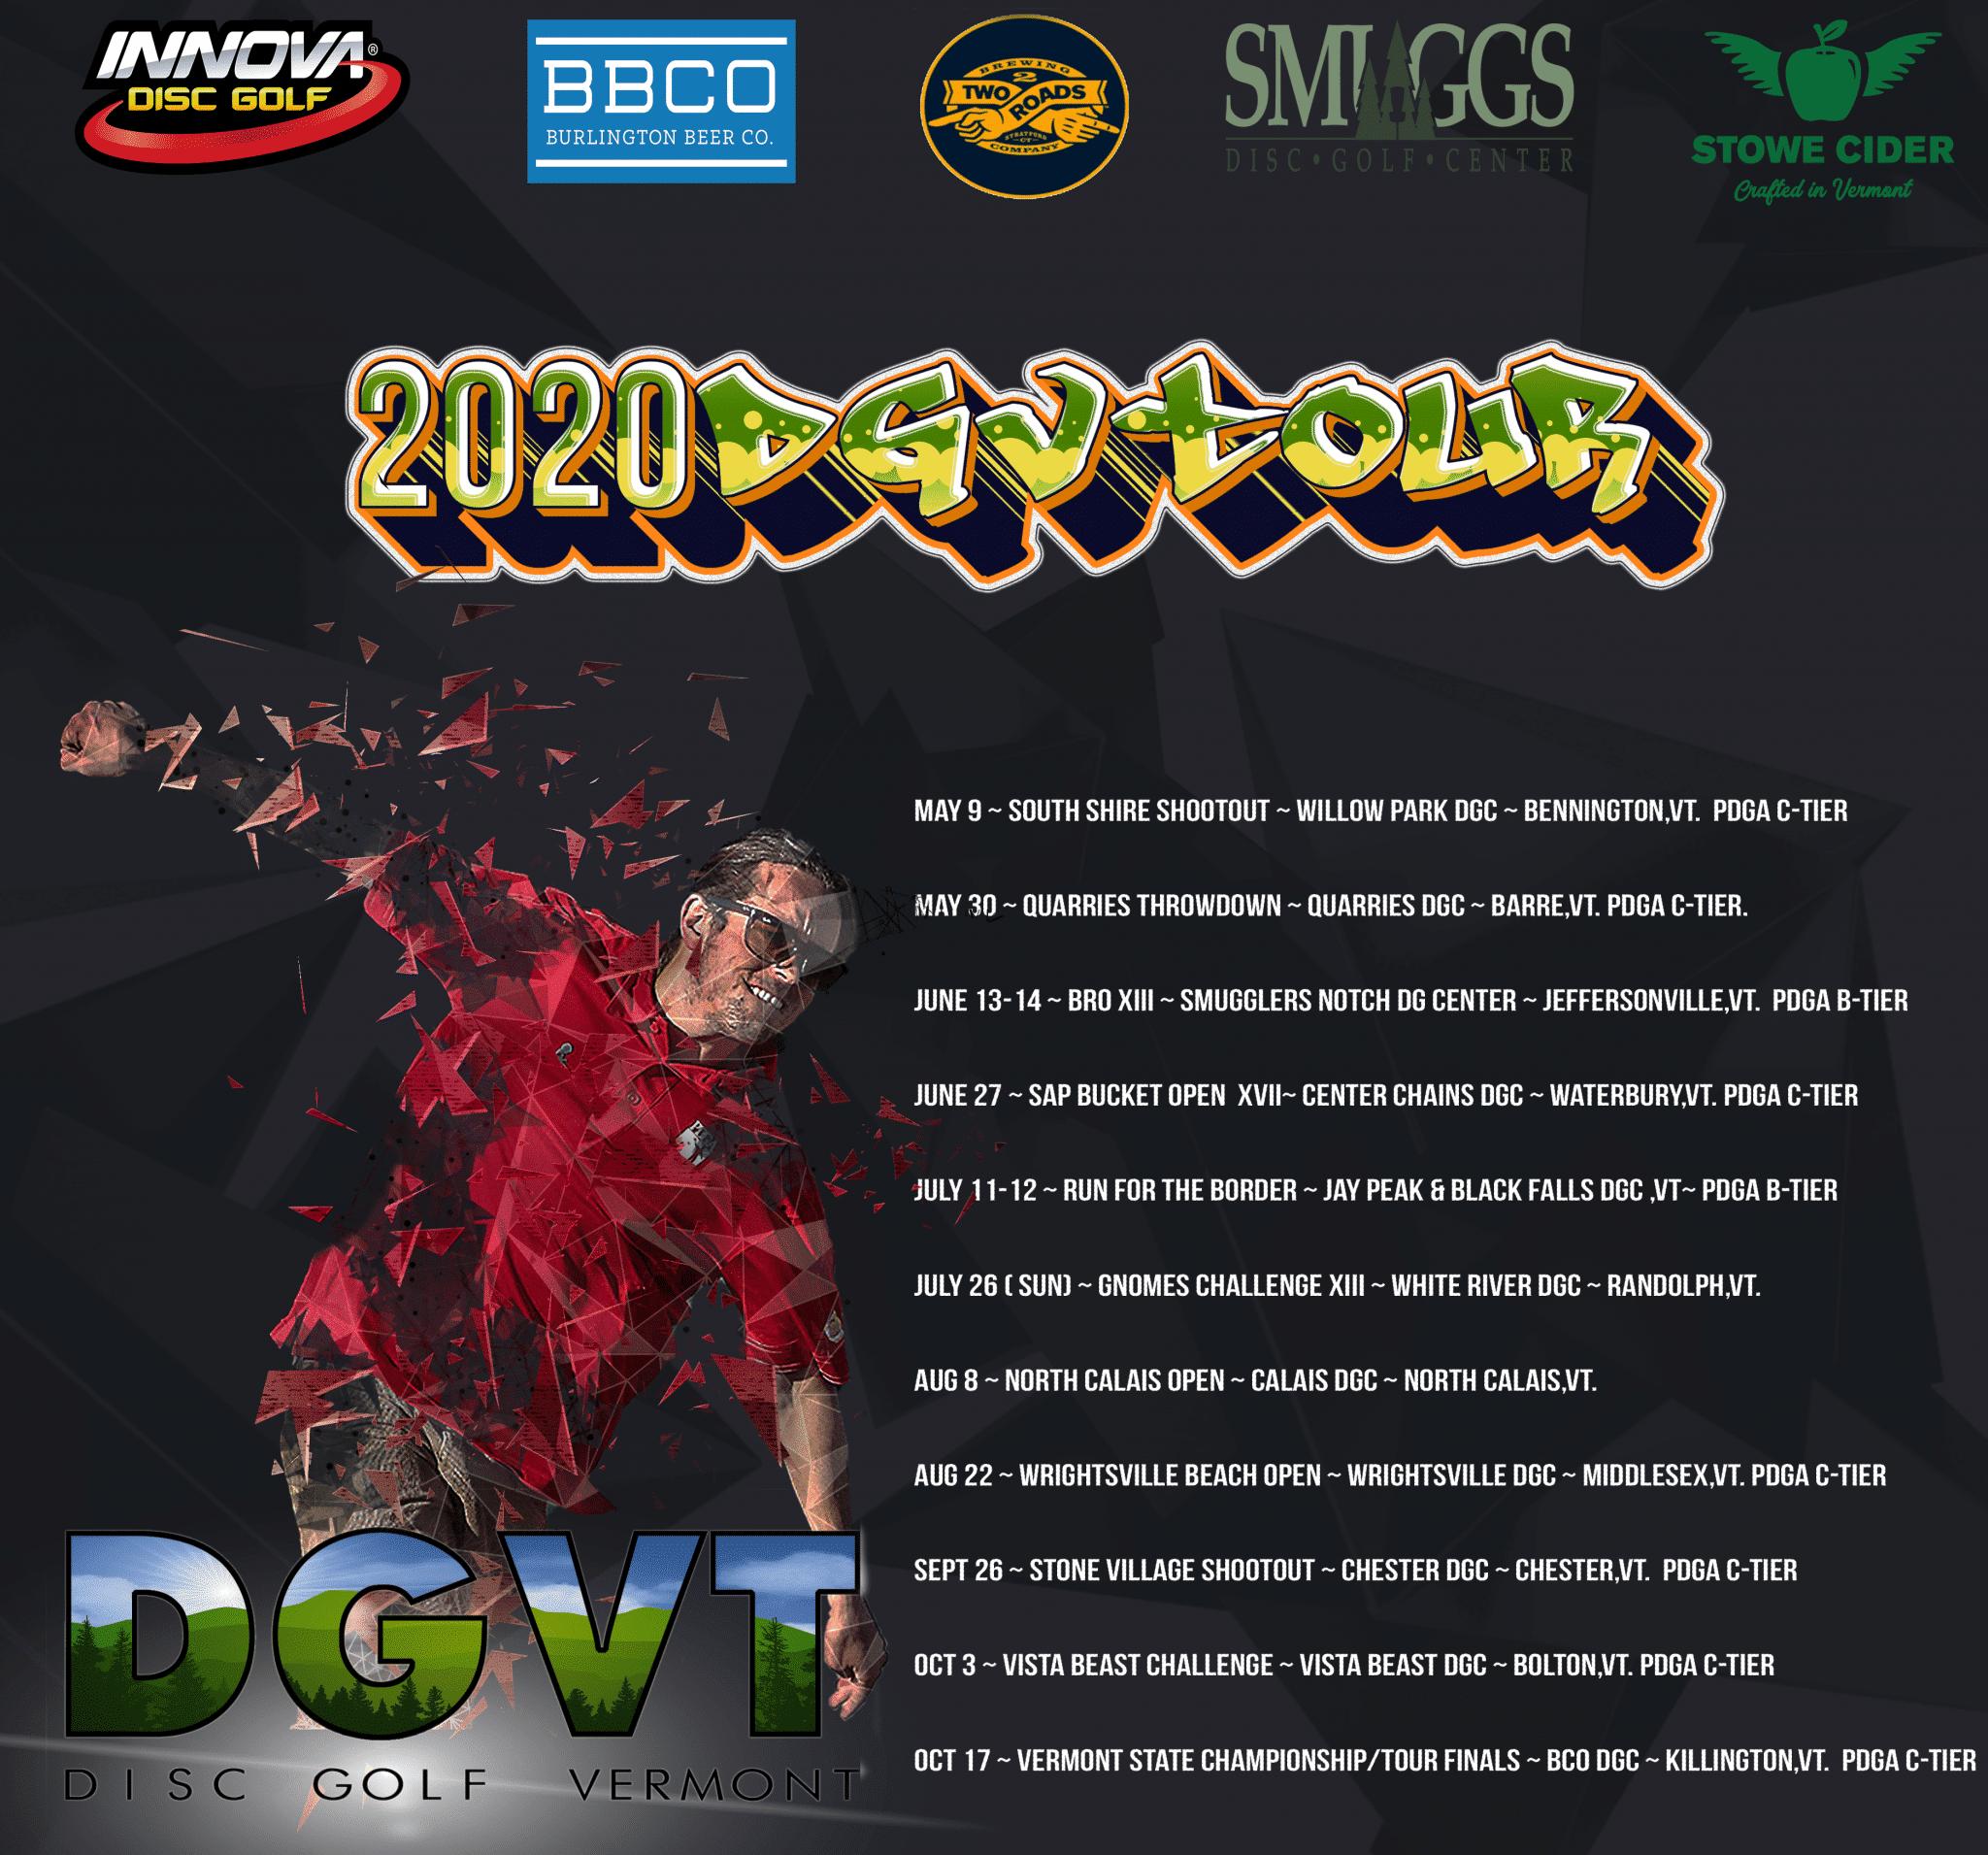 DGVT Tour